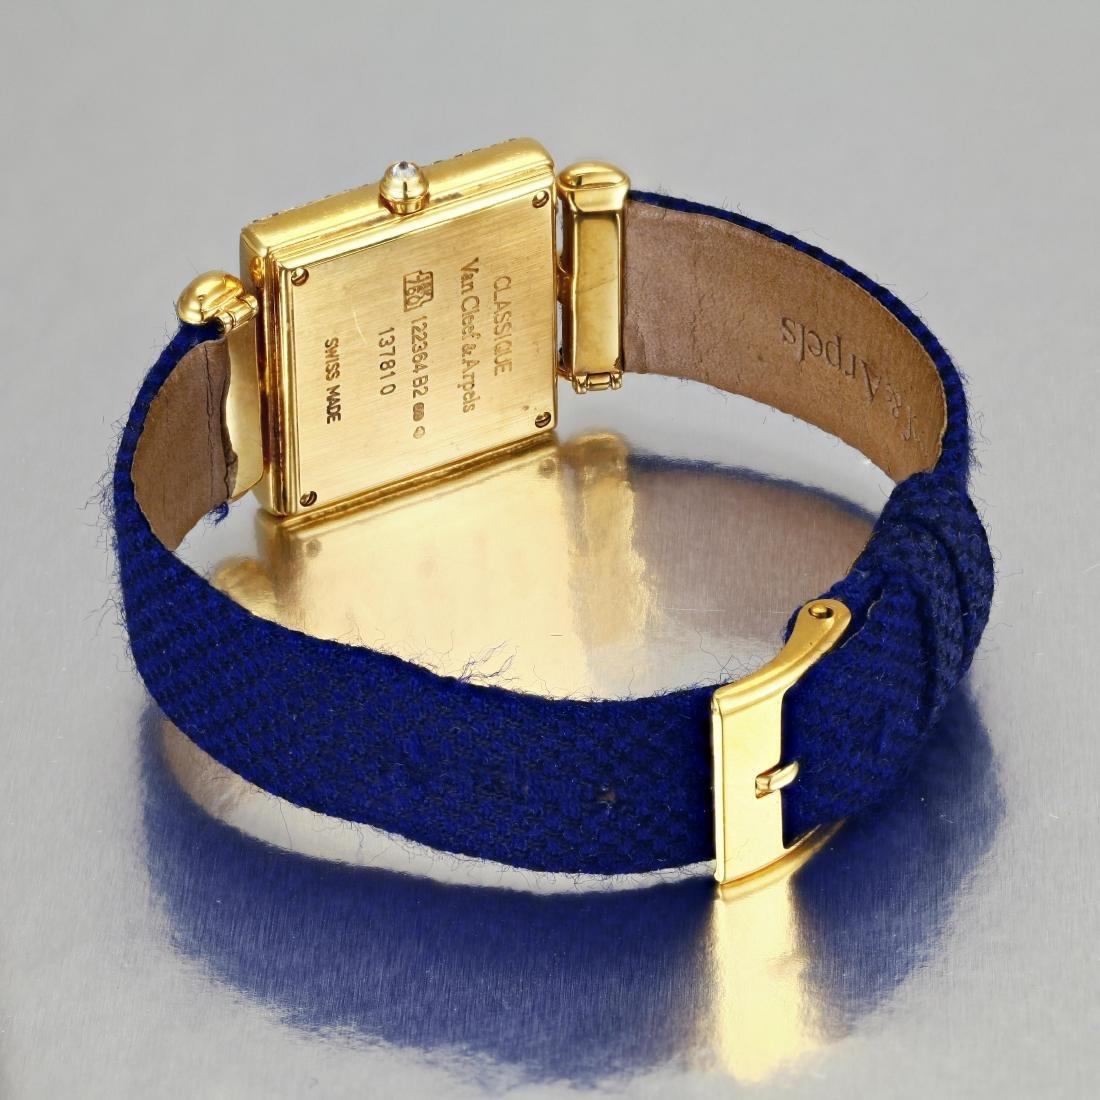 """Van Cleef & Arpels """"Classique"""" Gold and Diamond Watch - 2"""